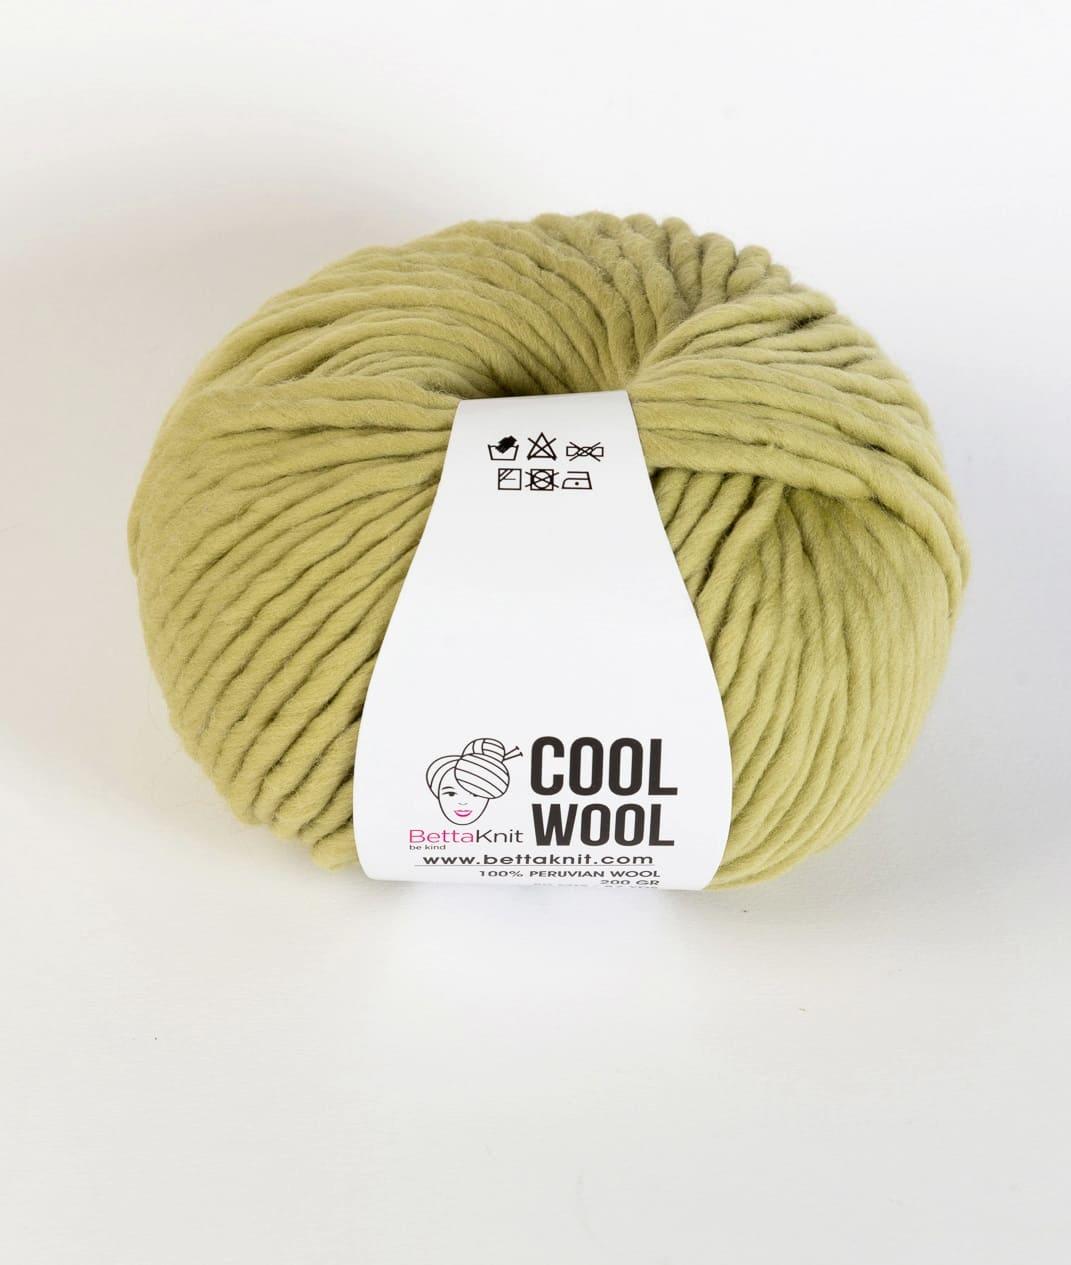 Cool Wool Yarns Wool Bettaknit